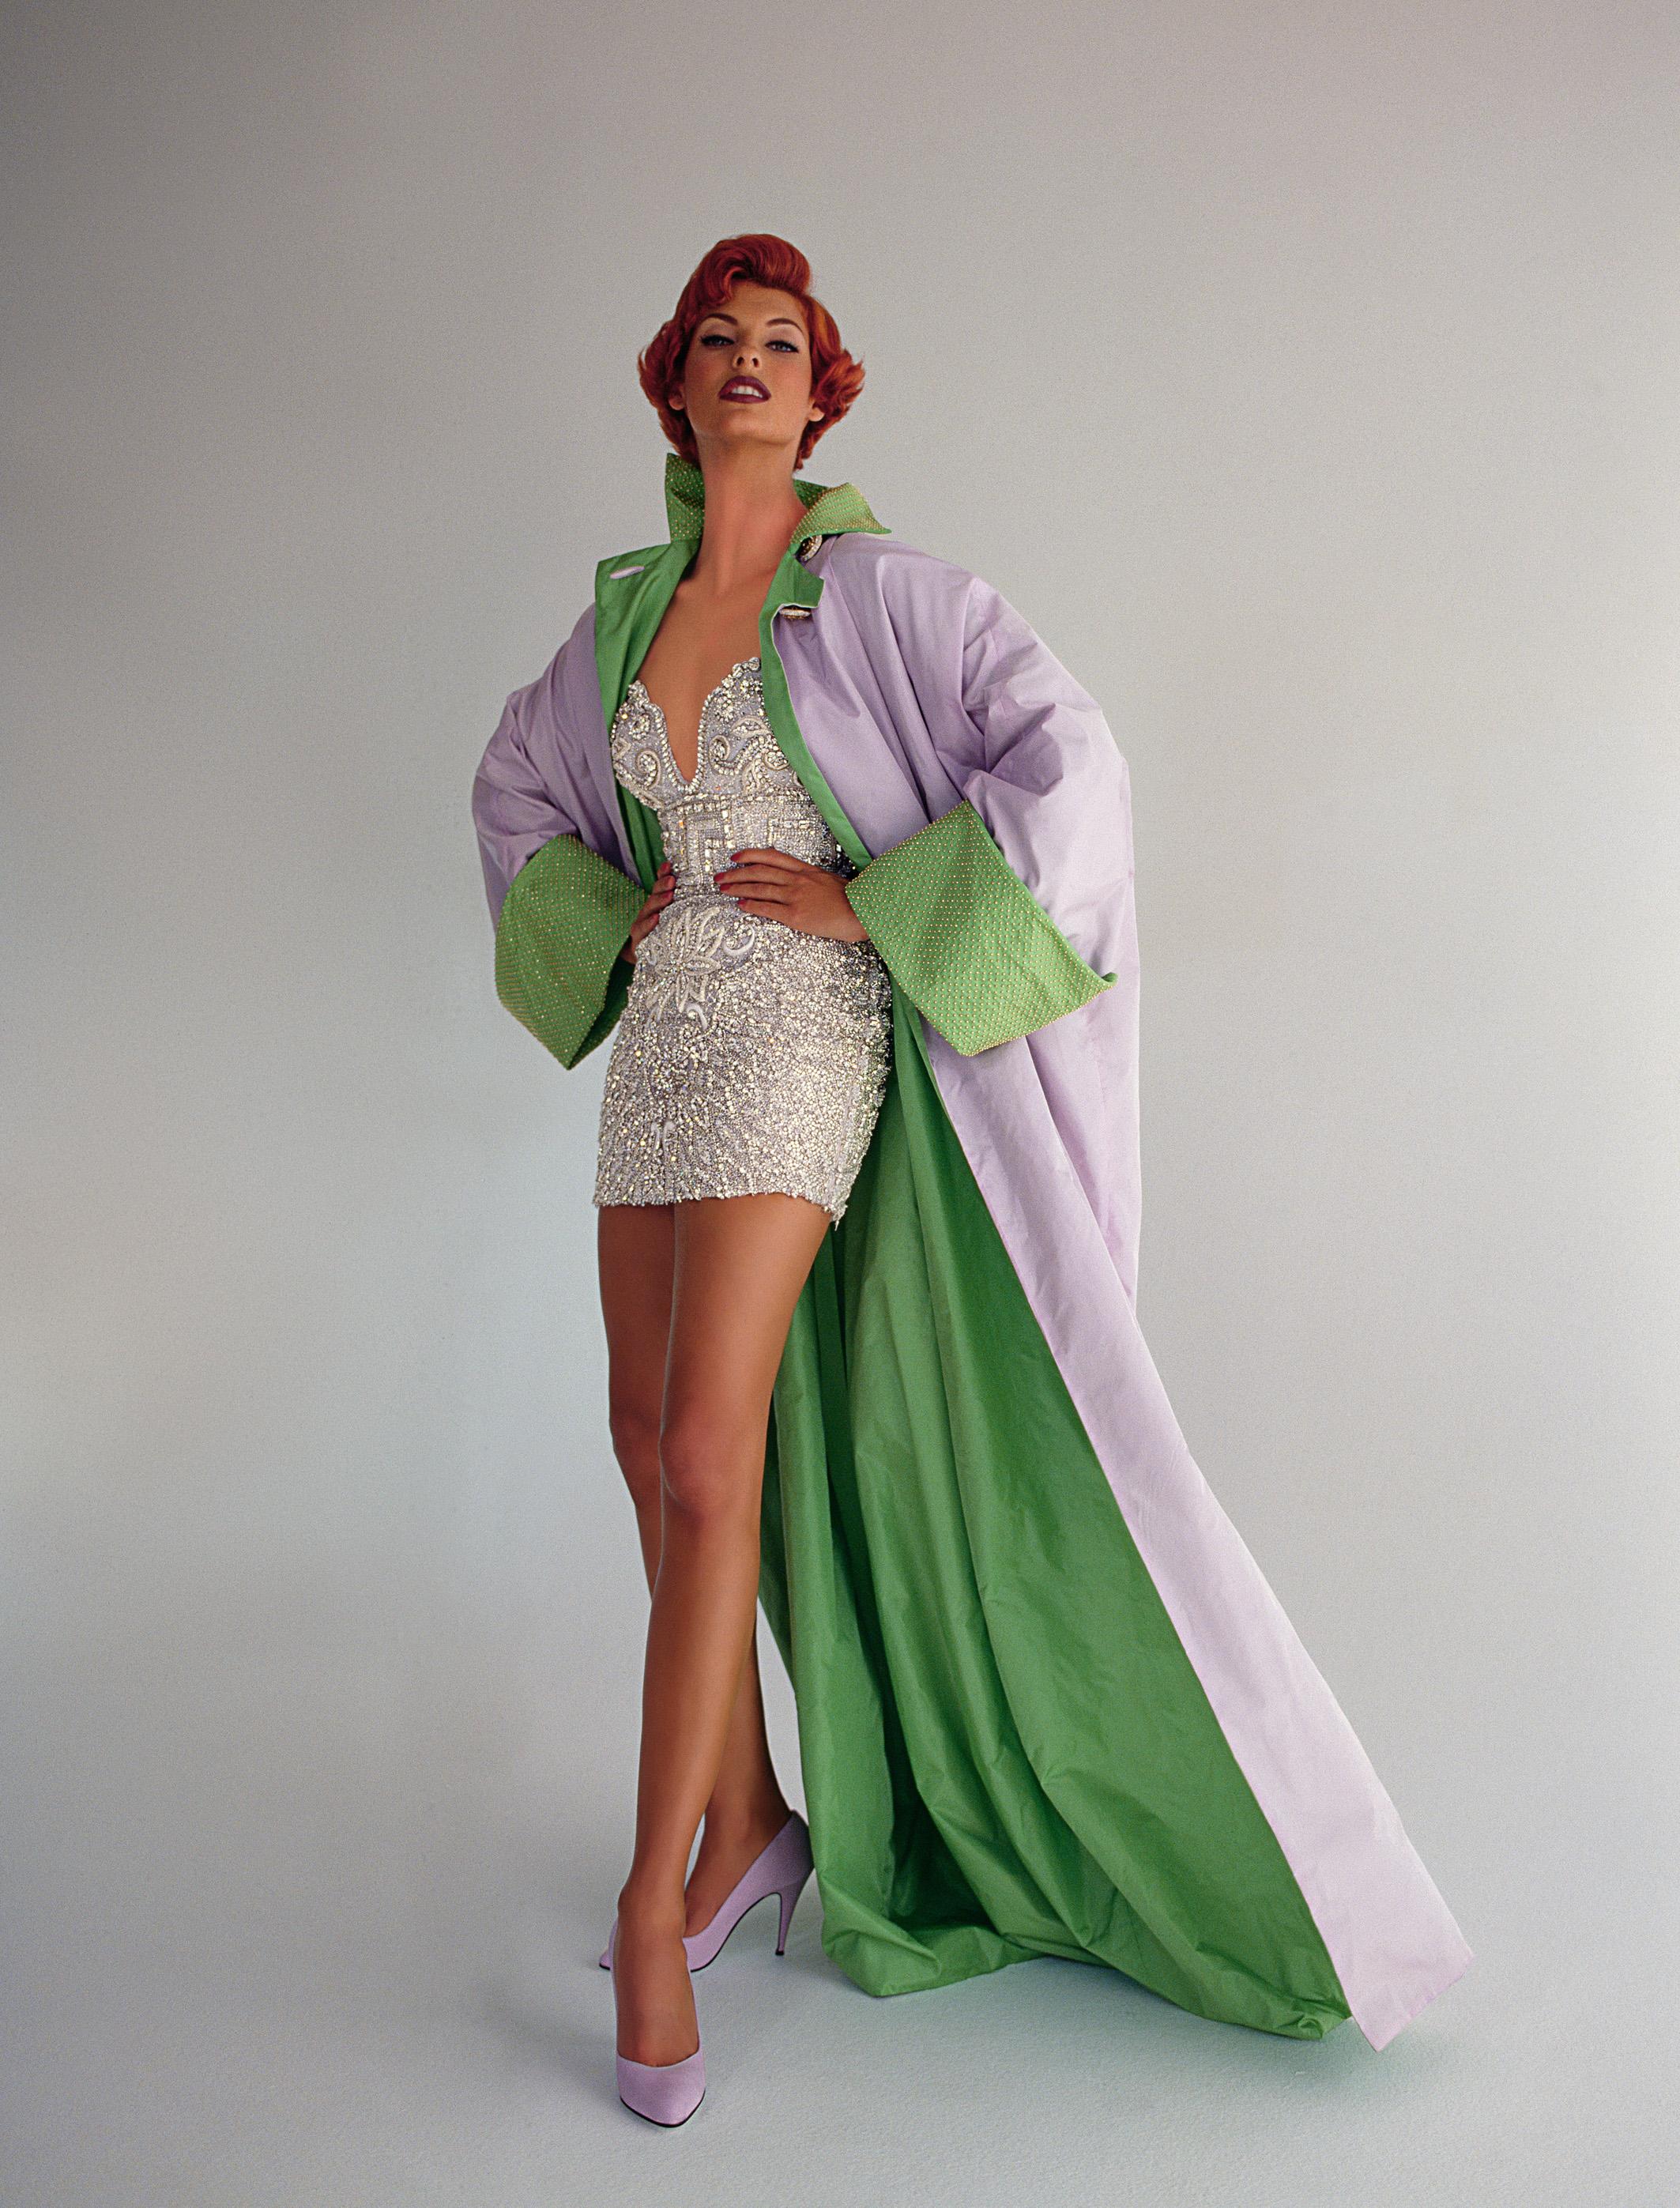 Vogue 100 Linda Evangelista Vogue Celebrates 100 Years